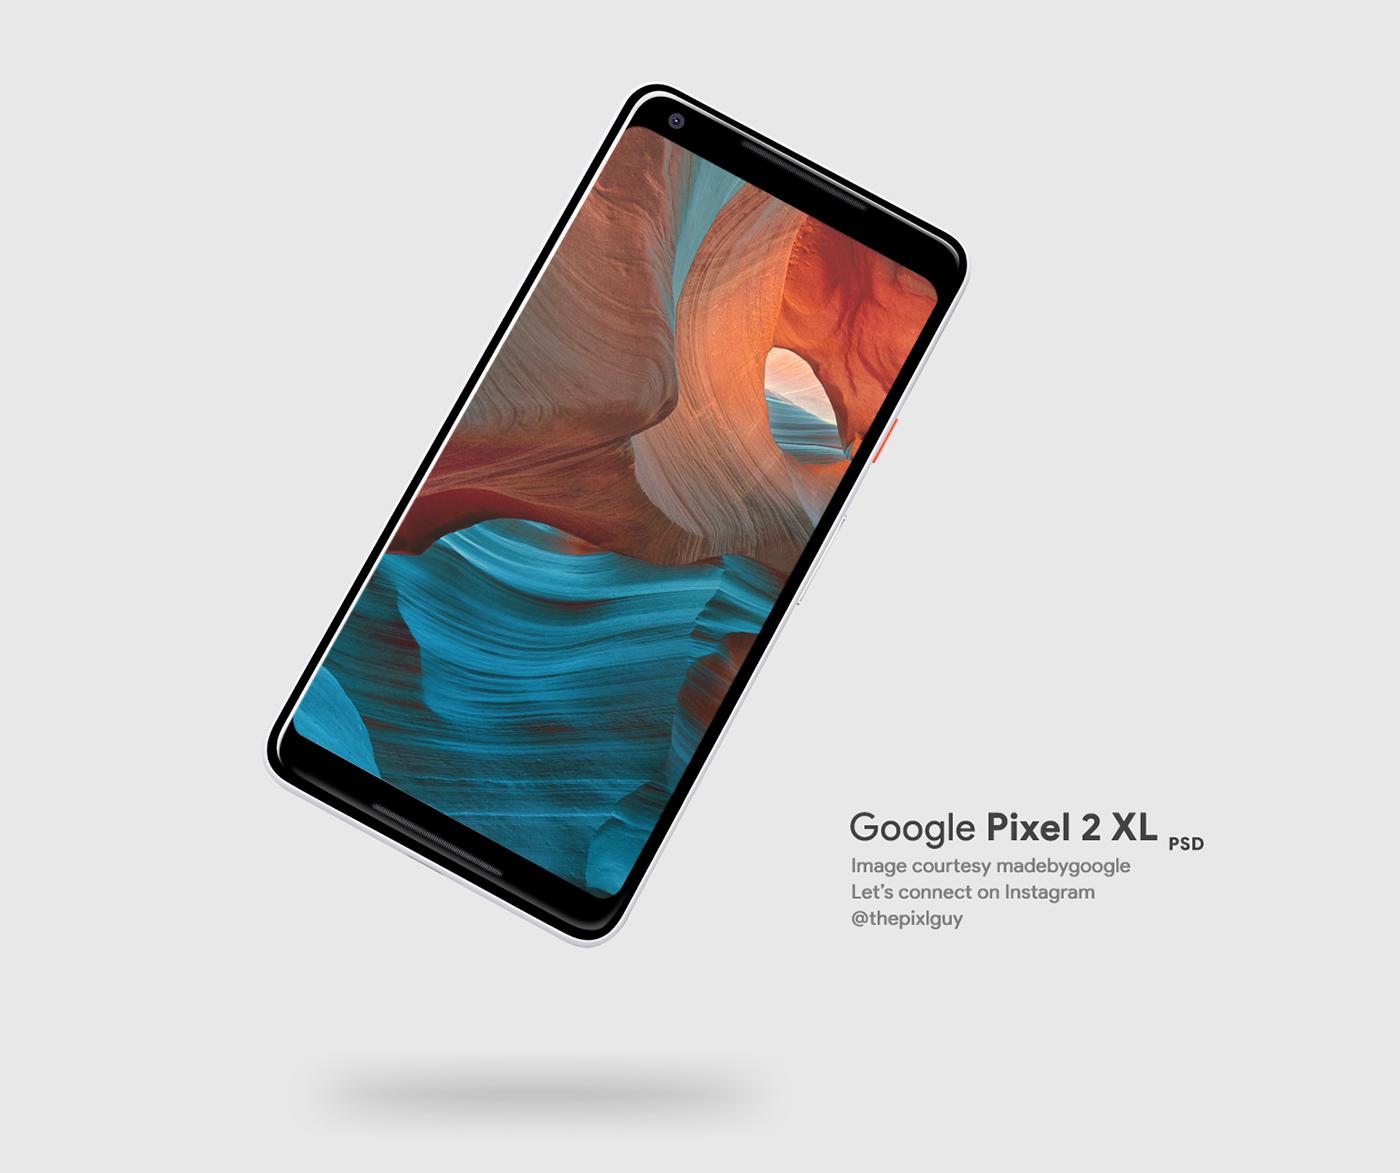 psd Mockup pixel 2 xl photoshop google